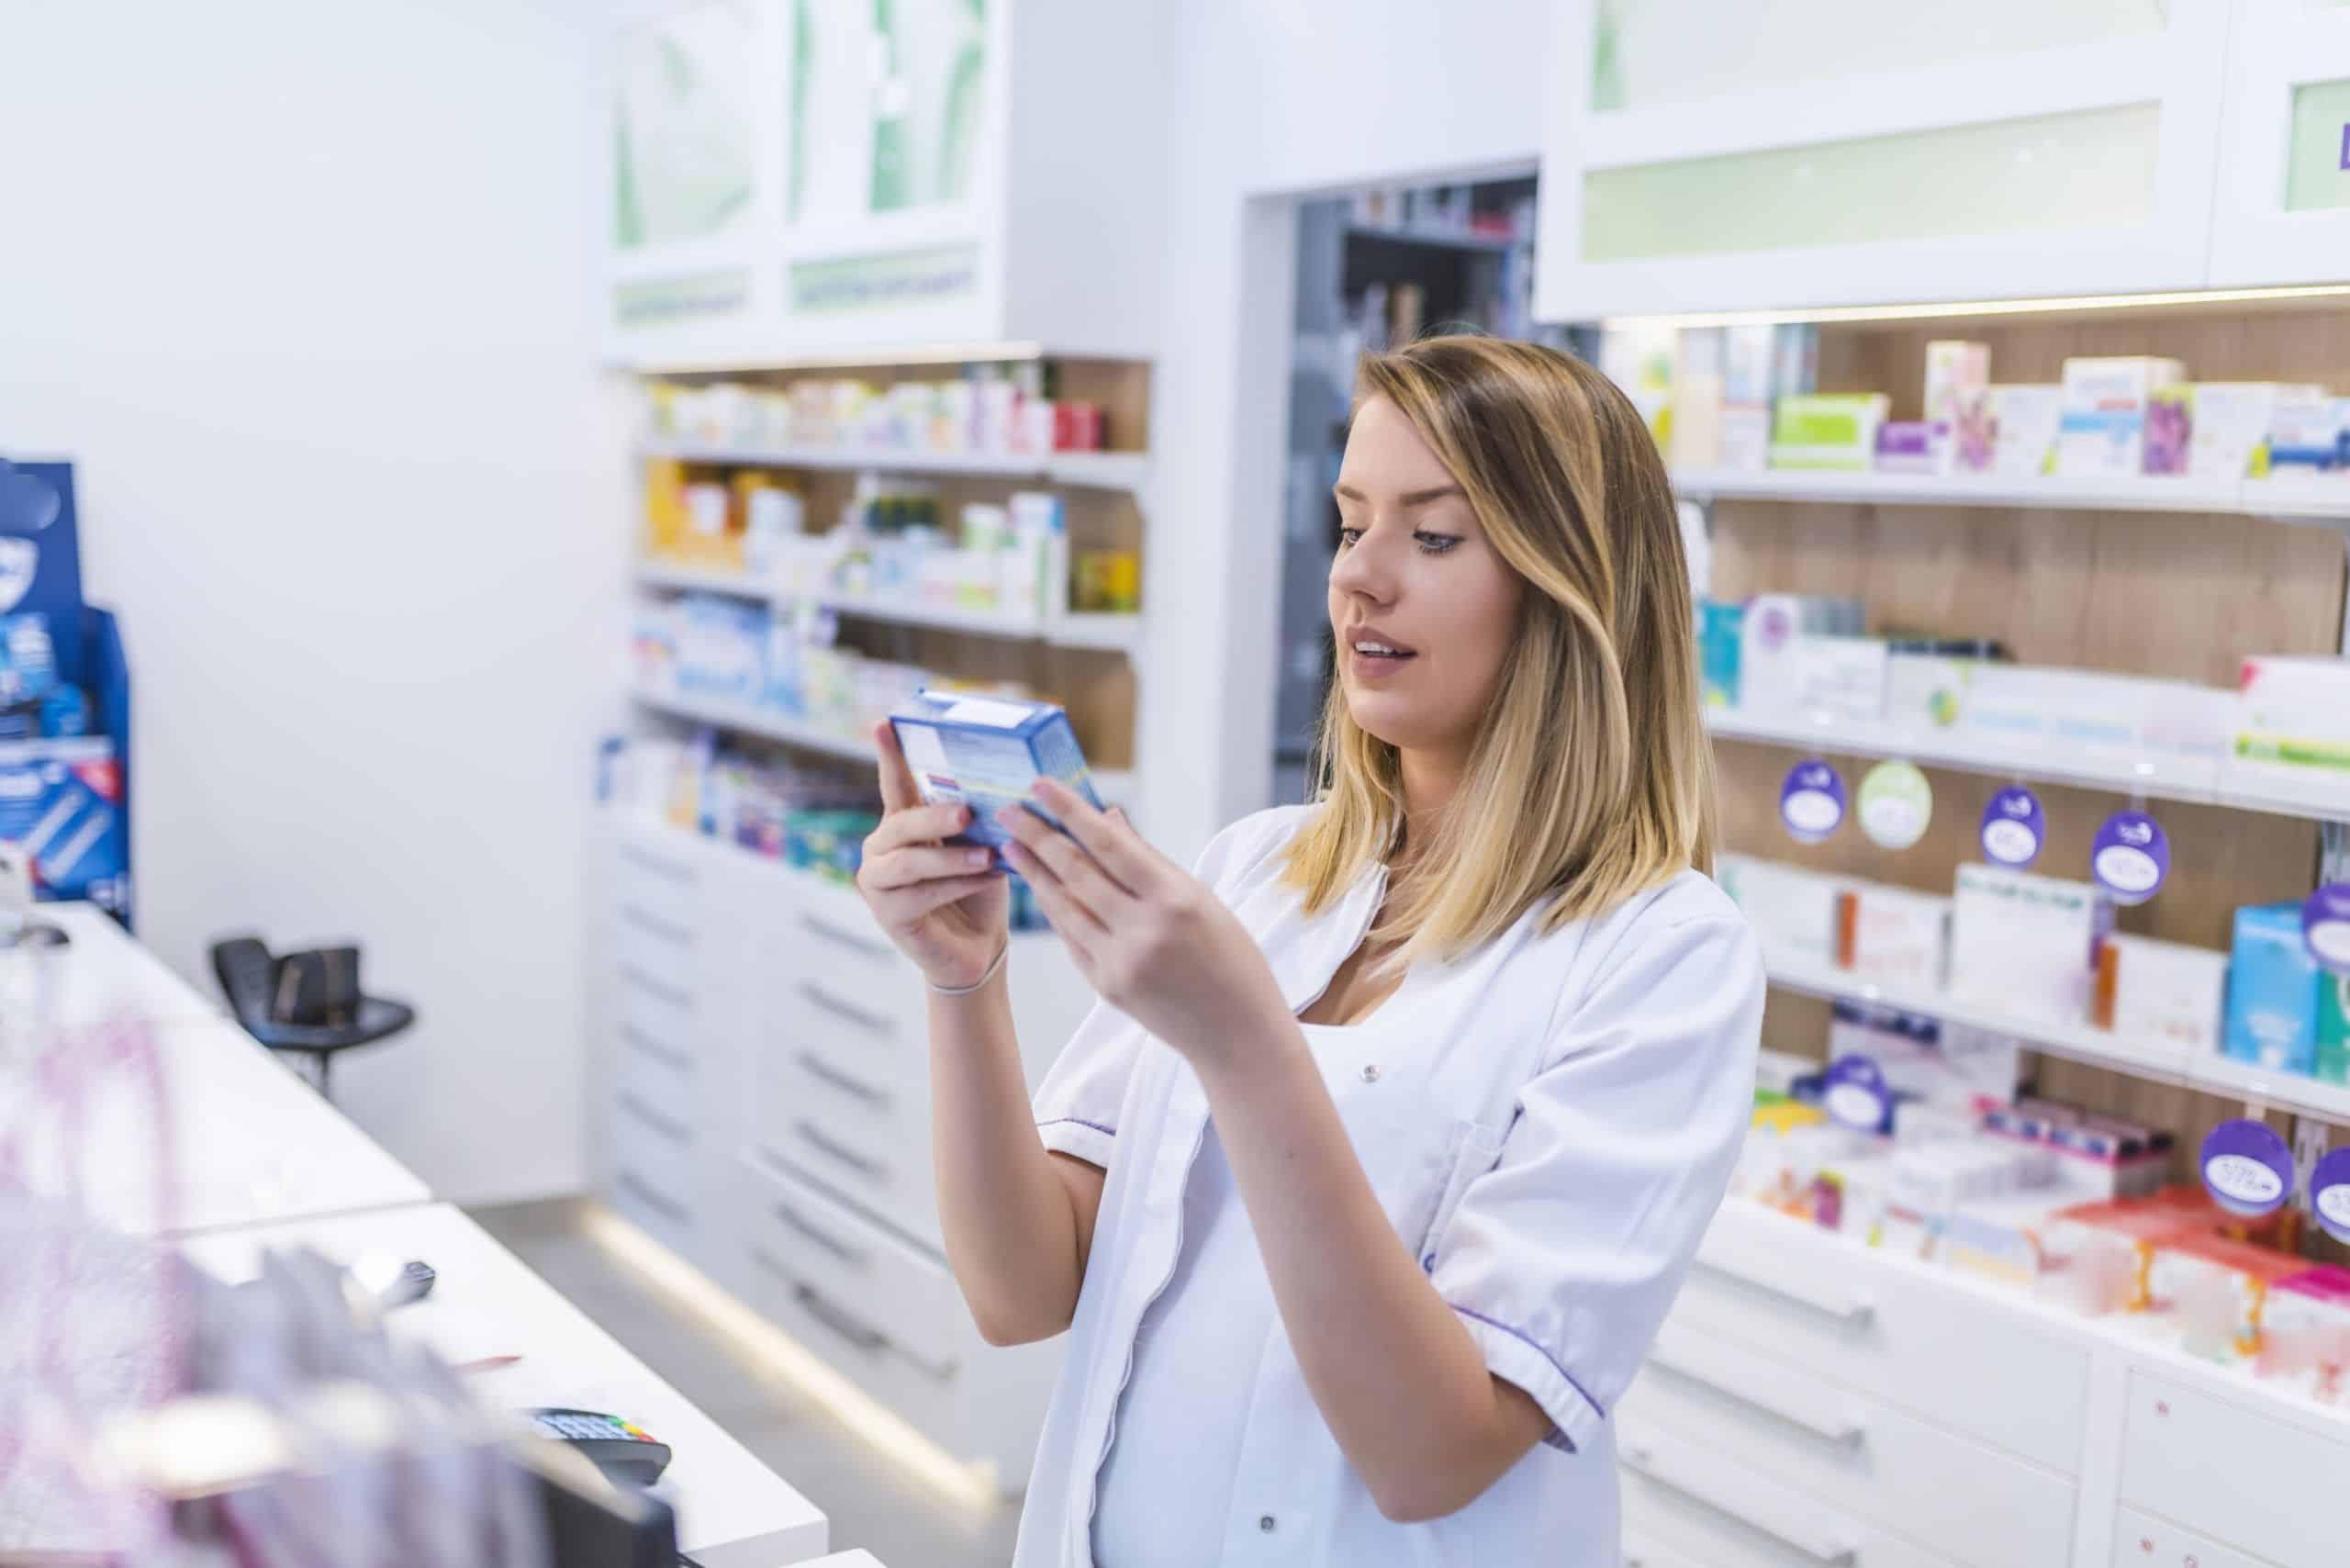 ¿Por qué estudiar Farmacia y Parafarmacia? – ESYDE Formación